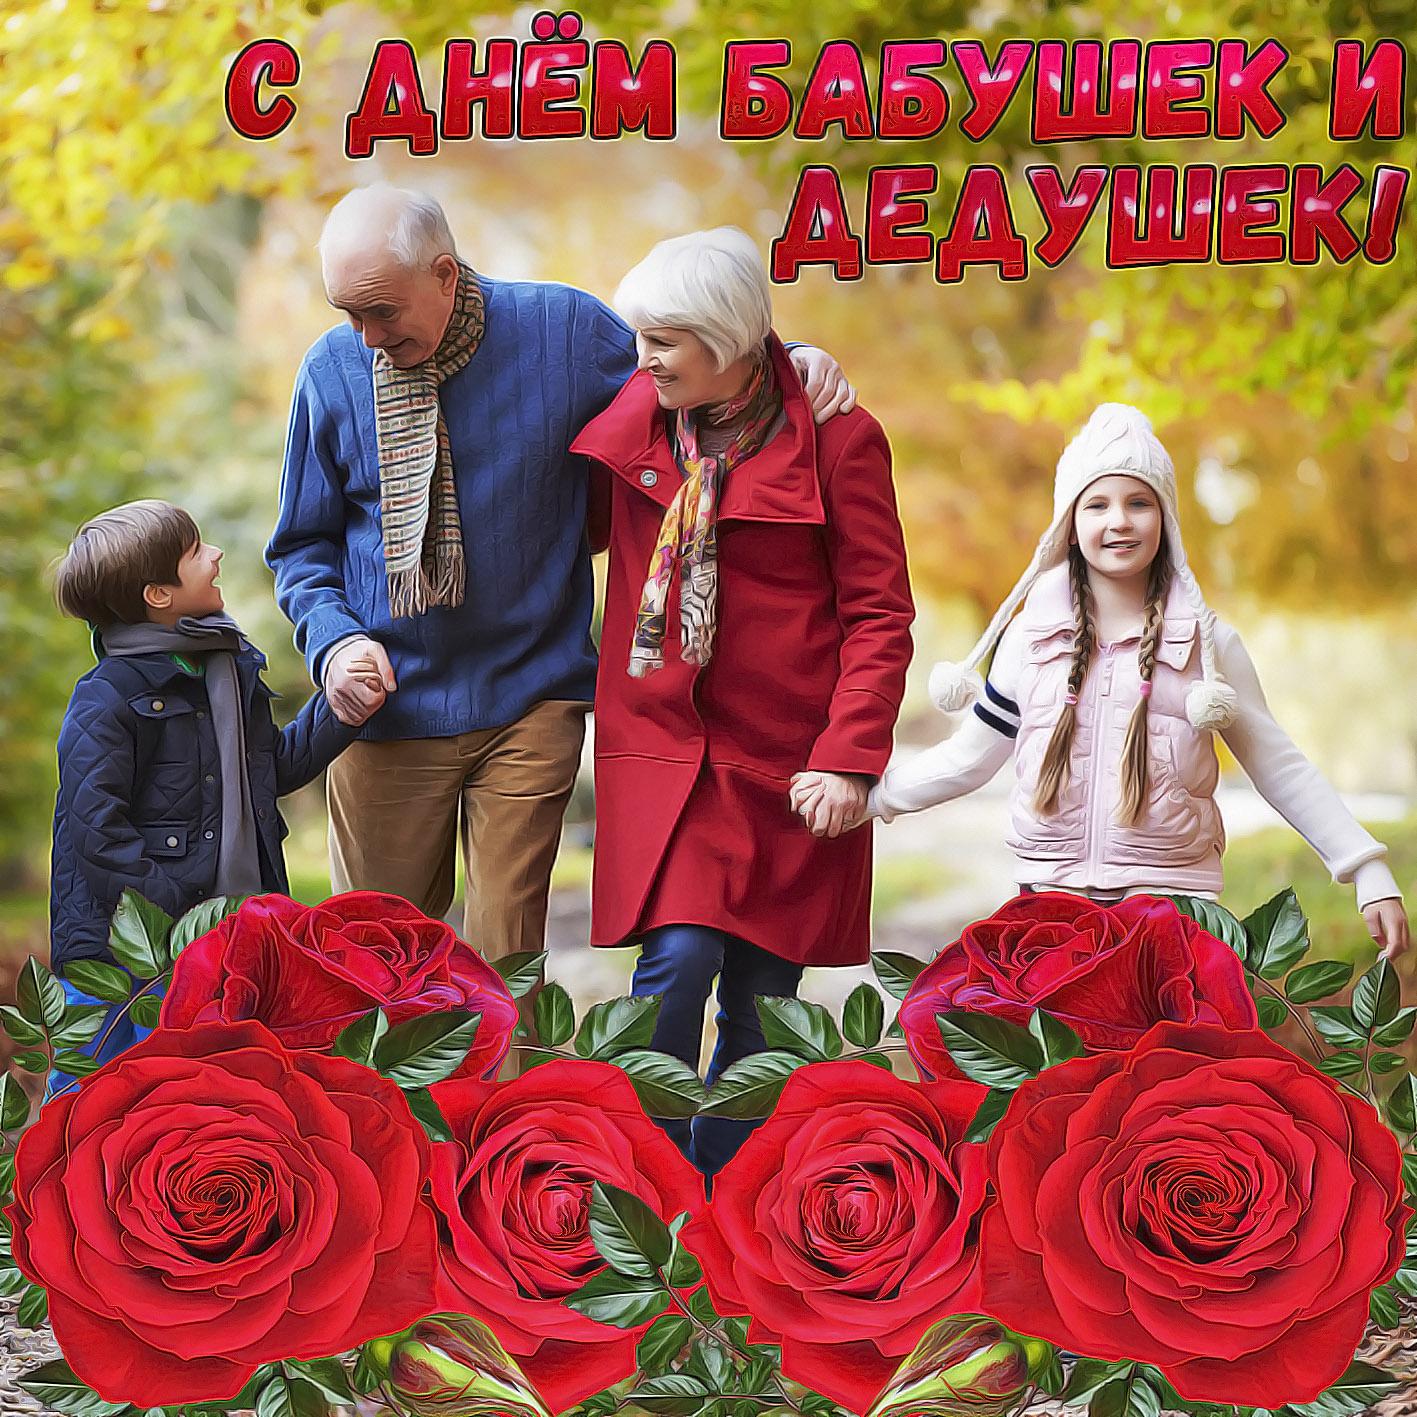 Прикольные картинки 7 августа день внучат, поздравления новым годом